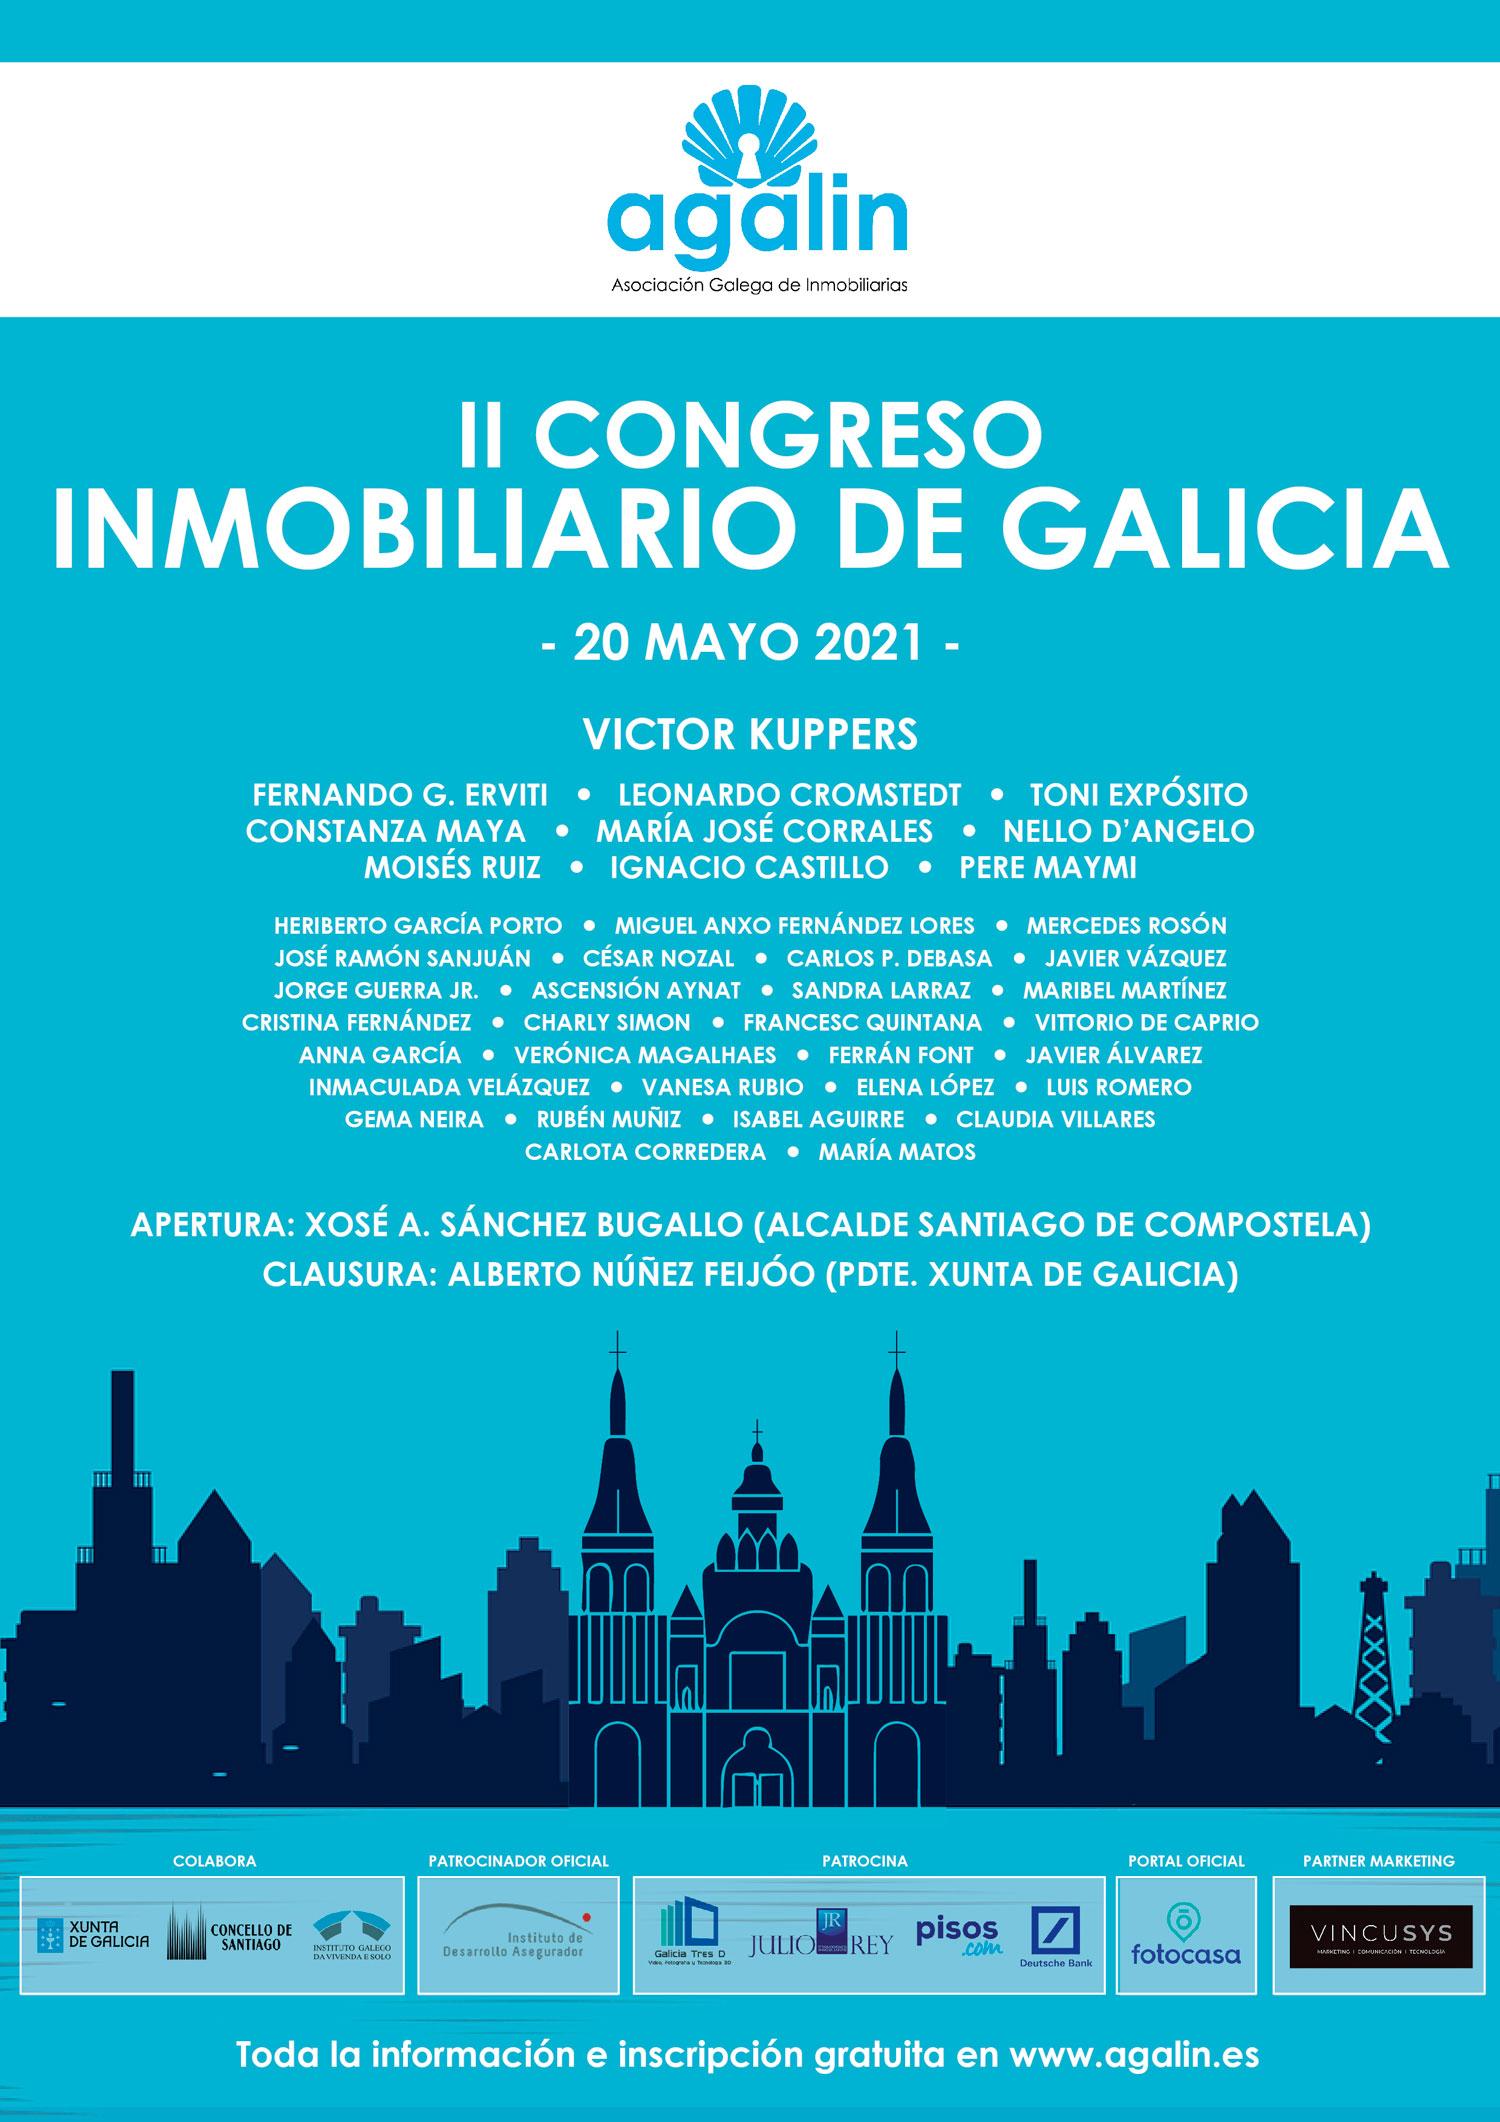 cartel-congreso-agalin